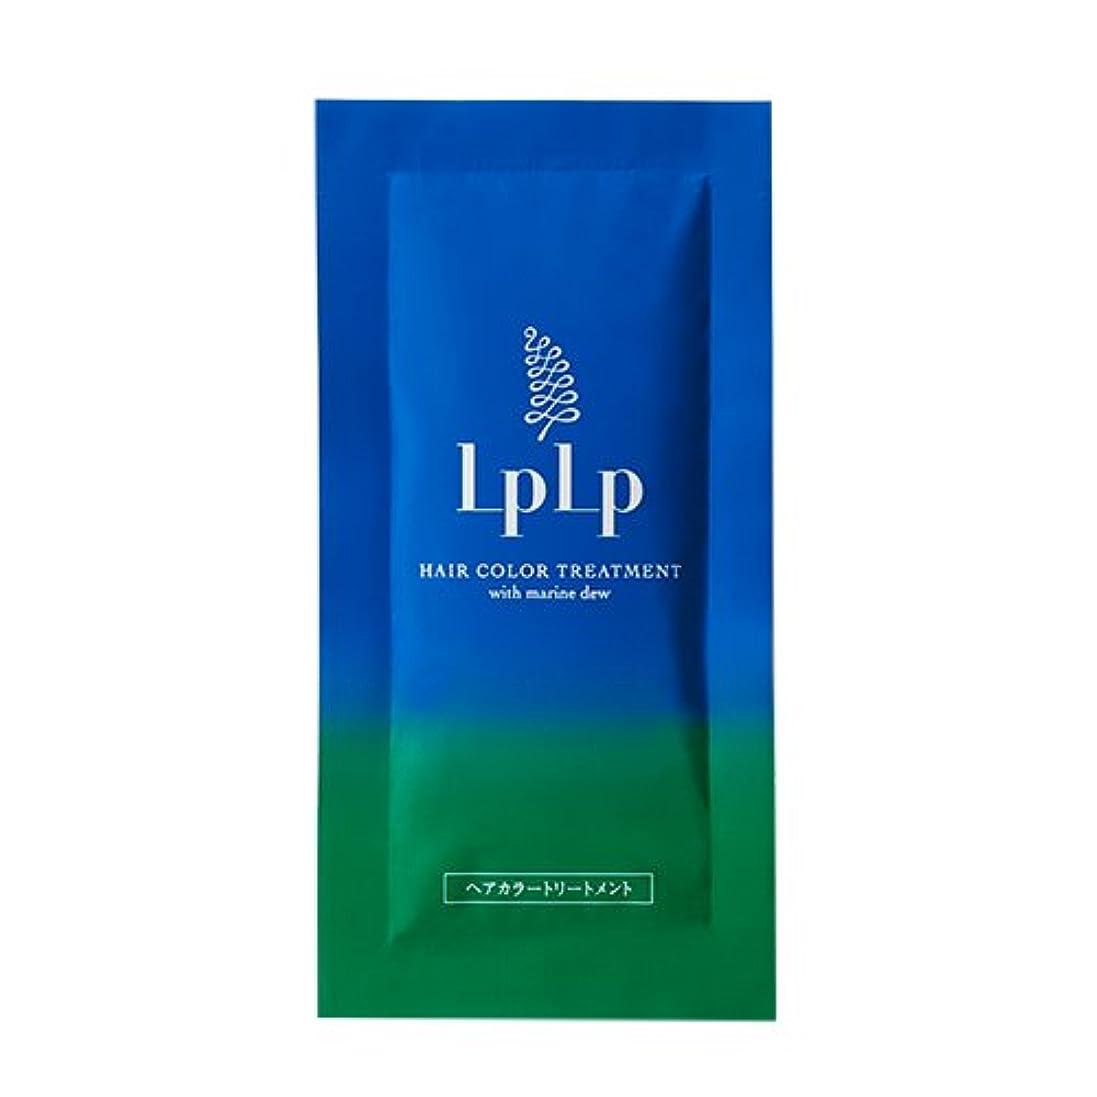 極めて重要な惑星最も早いLPLP(ルプルプ)ヘアカラートリートメントお試しパウチ ダークブラウン